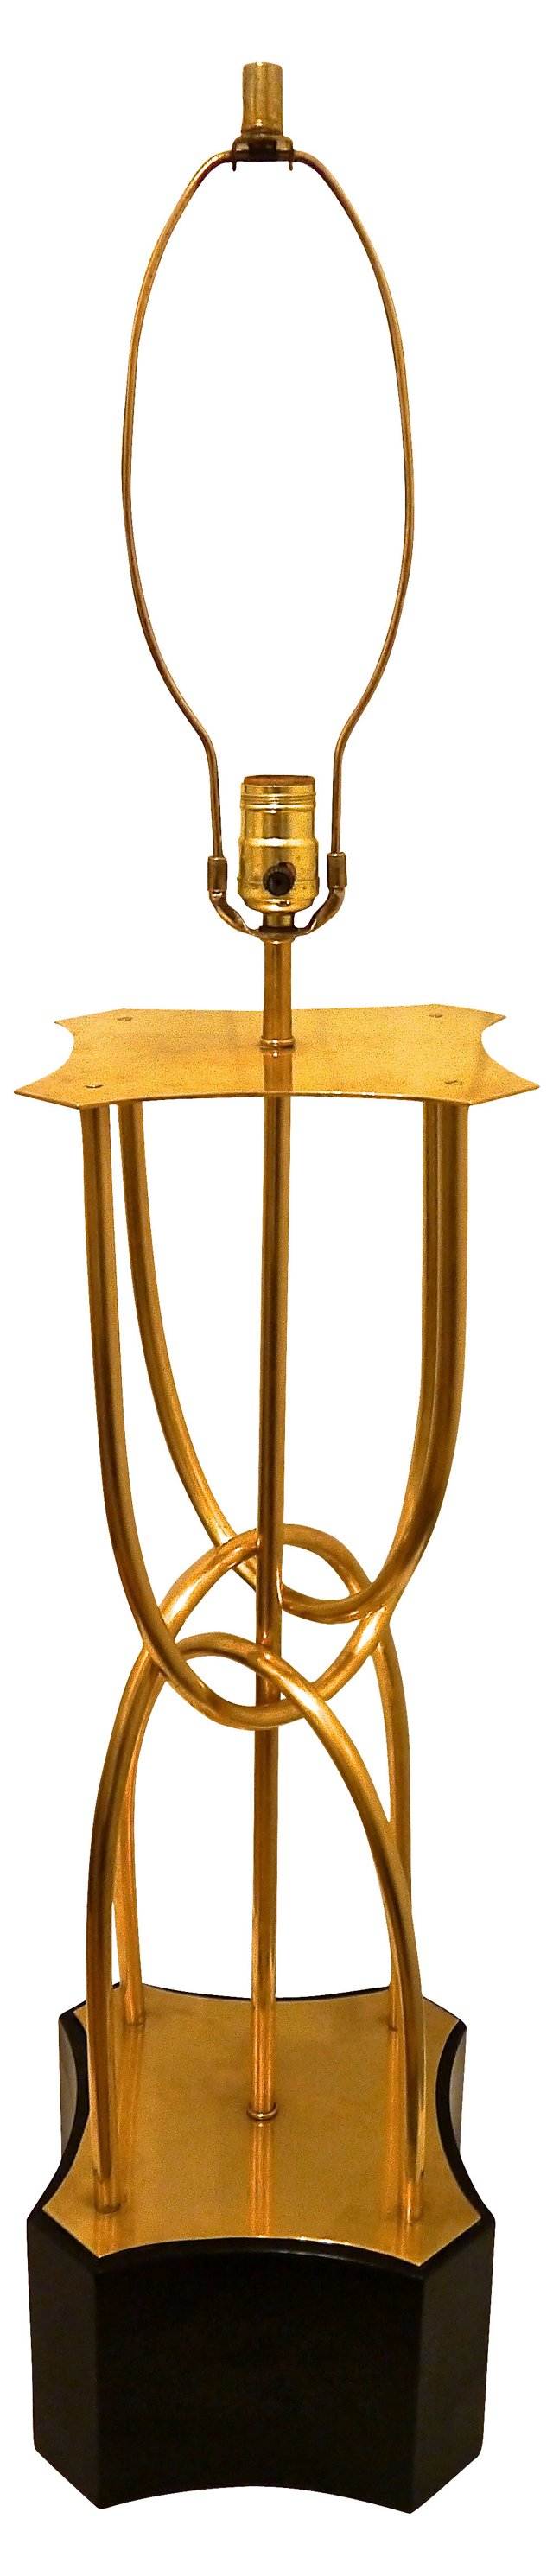 1960s Brass Sculptural Lamp